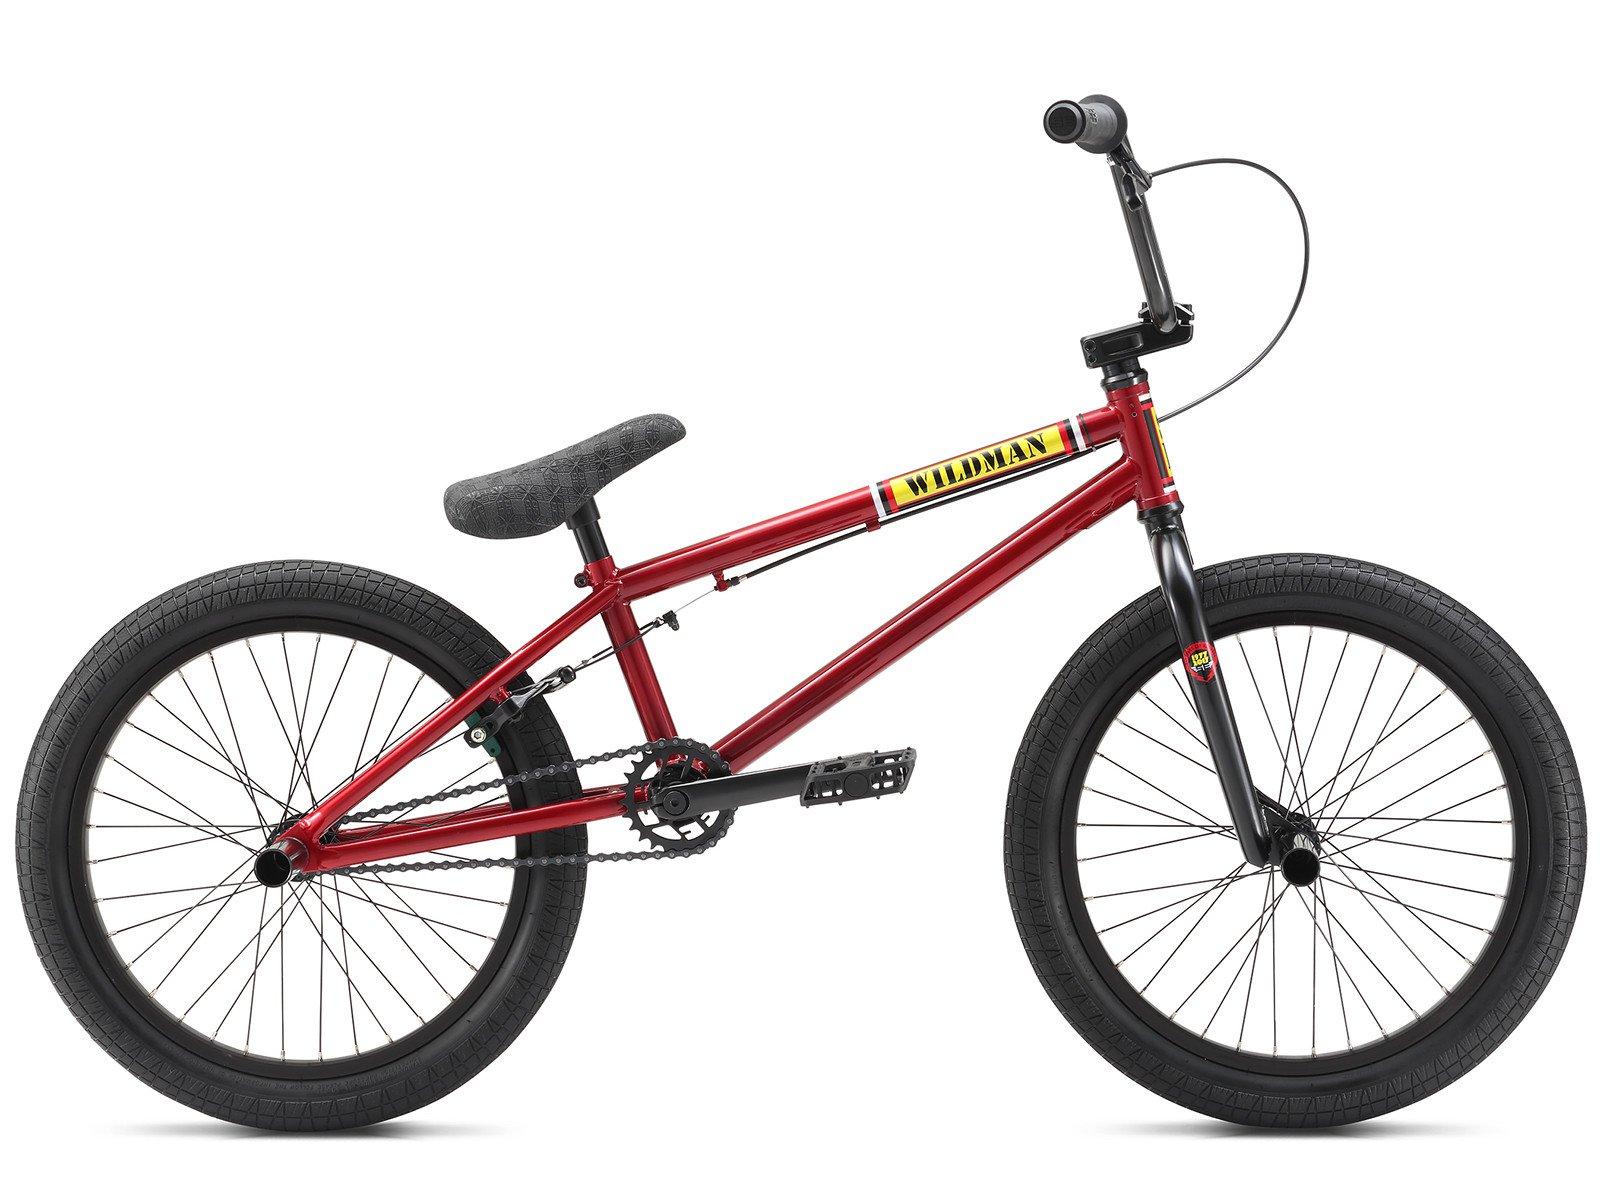 se bikes wildman 2018 bmx bike red metal kunstform. Black Bedroom Furniture Sets. Home Design Ideas